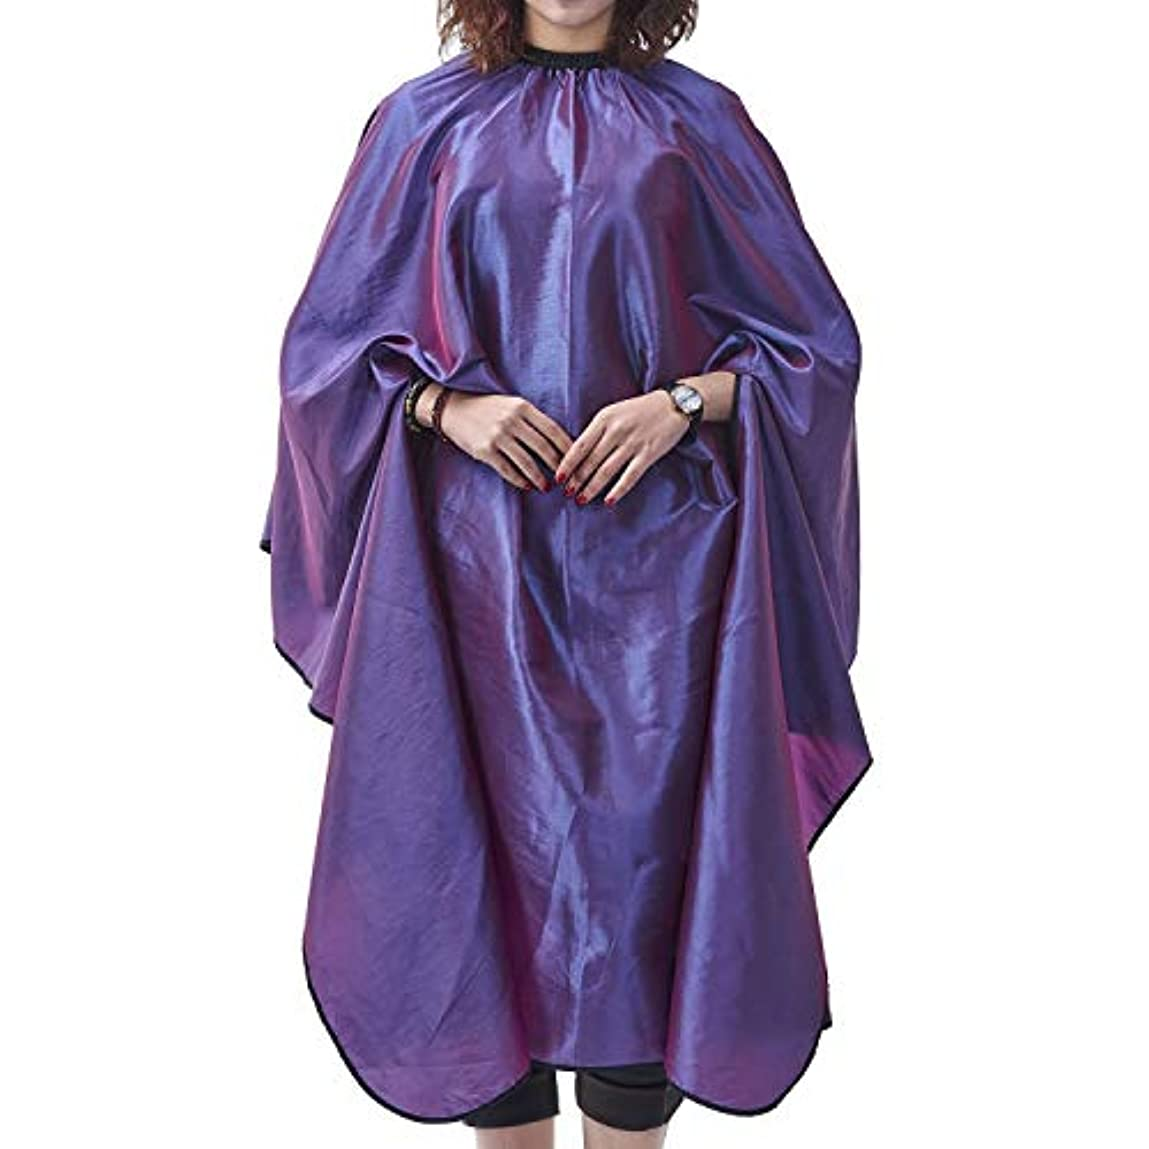 バッジ机シャーHIZLJJ サロンケープエプロンバーバーシャ??ンプーオイルスタイリングヘアカット美容師職業理髪店用品よだれかけ (Color : Purple)